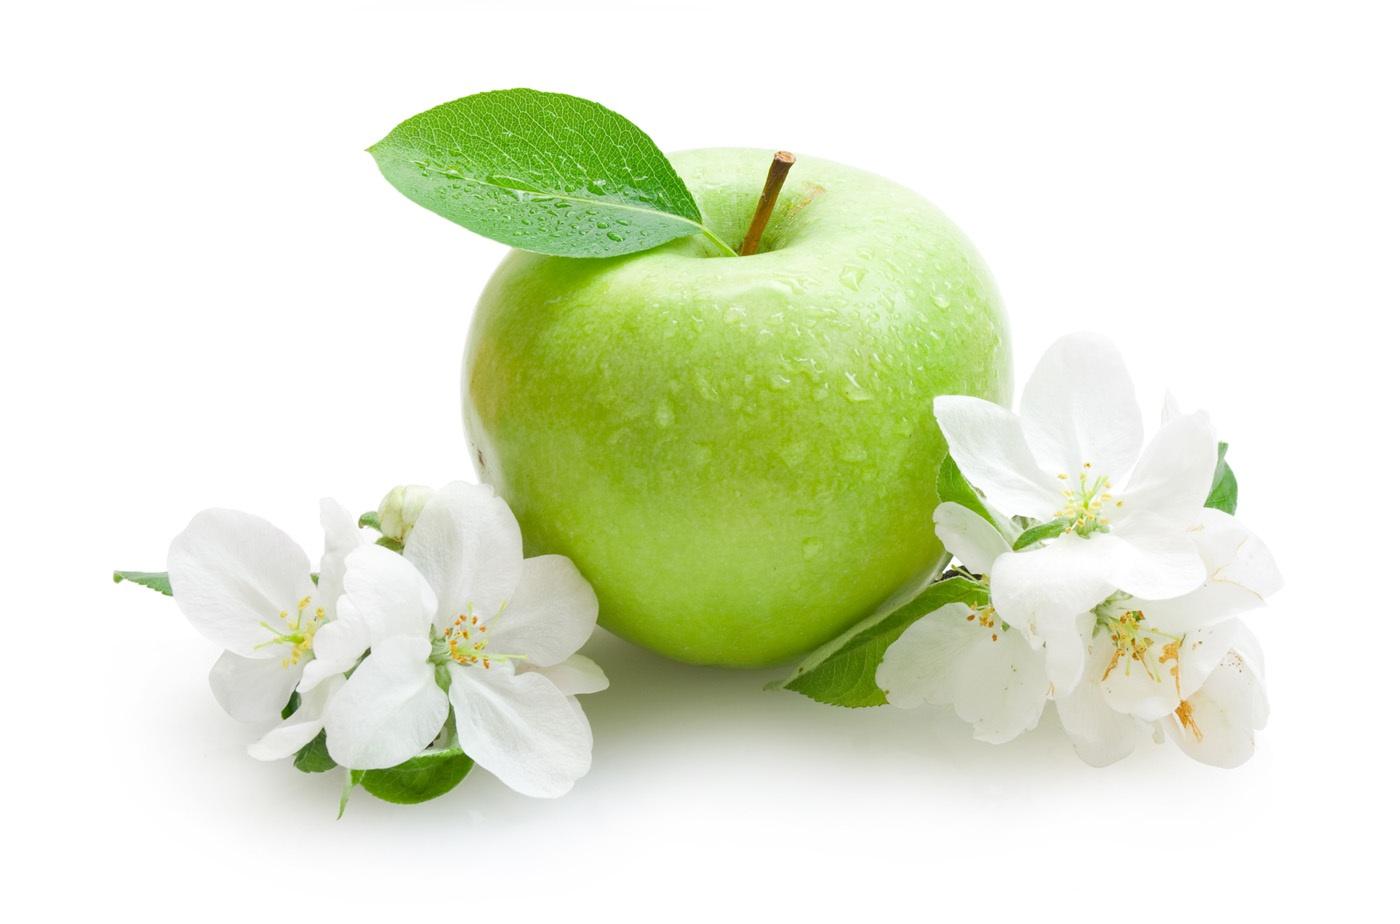 صوره رجيم التفاح الاخضر , كيف انقص وزنى بالتفاح الاخضر؟